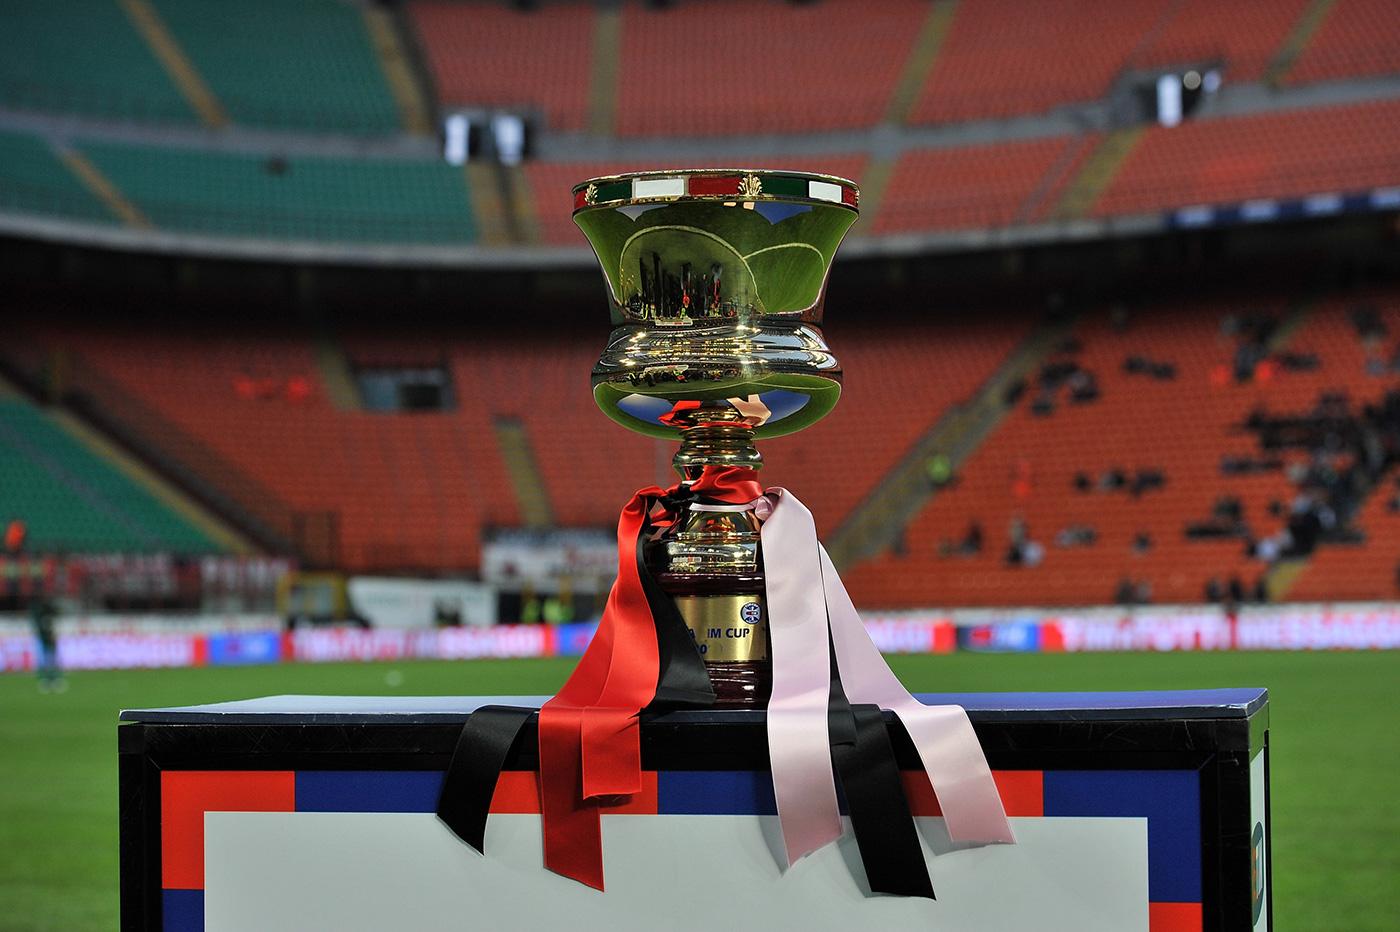 Supercoppa LFM 2016 alla Juvecatanzaro dopo i calci di rigore